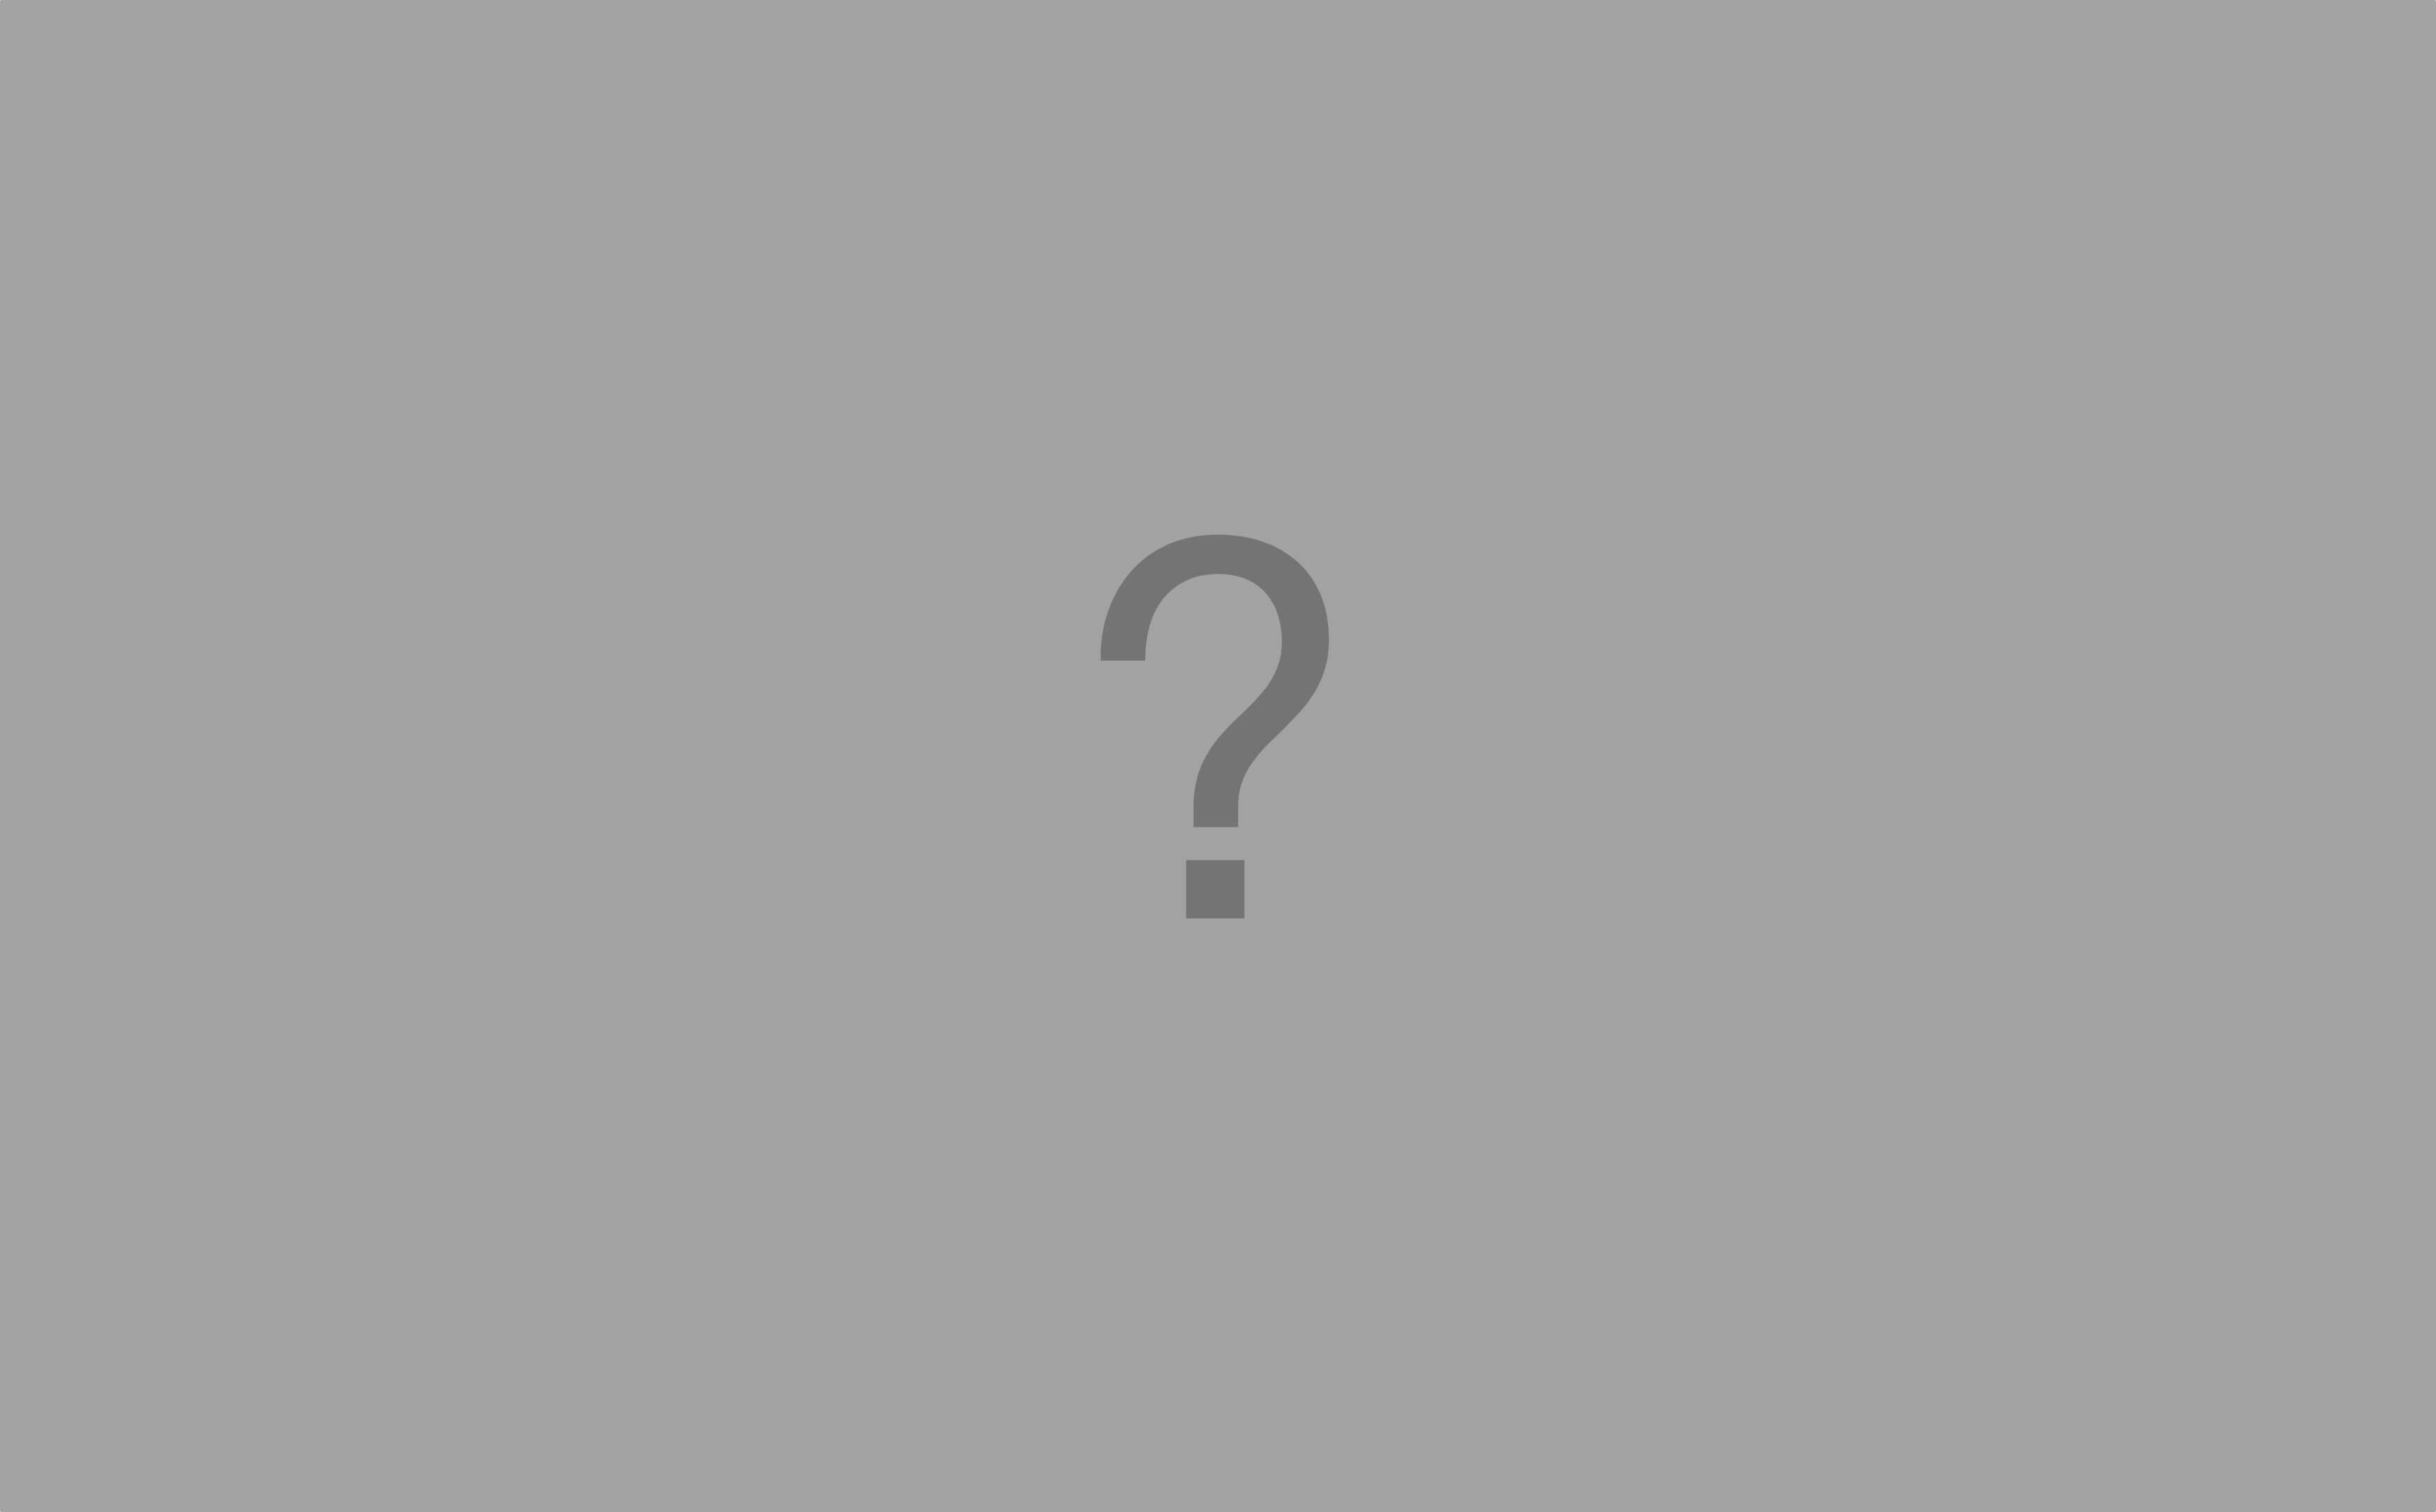 Frisch und Modern: iPhone XC Konzept zeigt farbige iPhone X